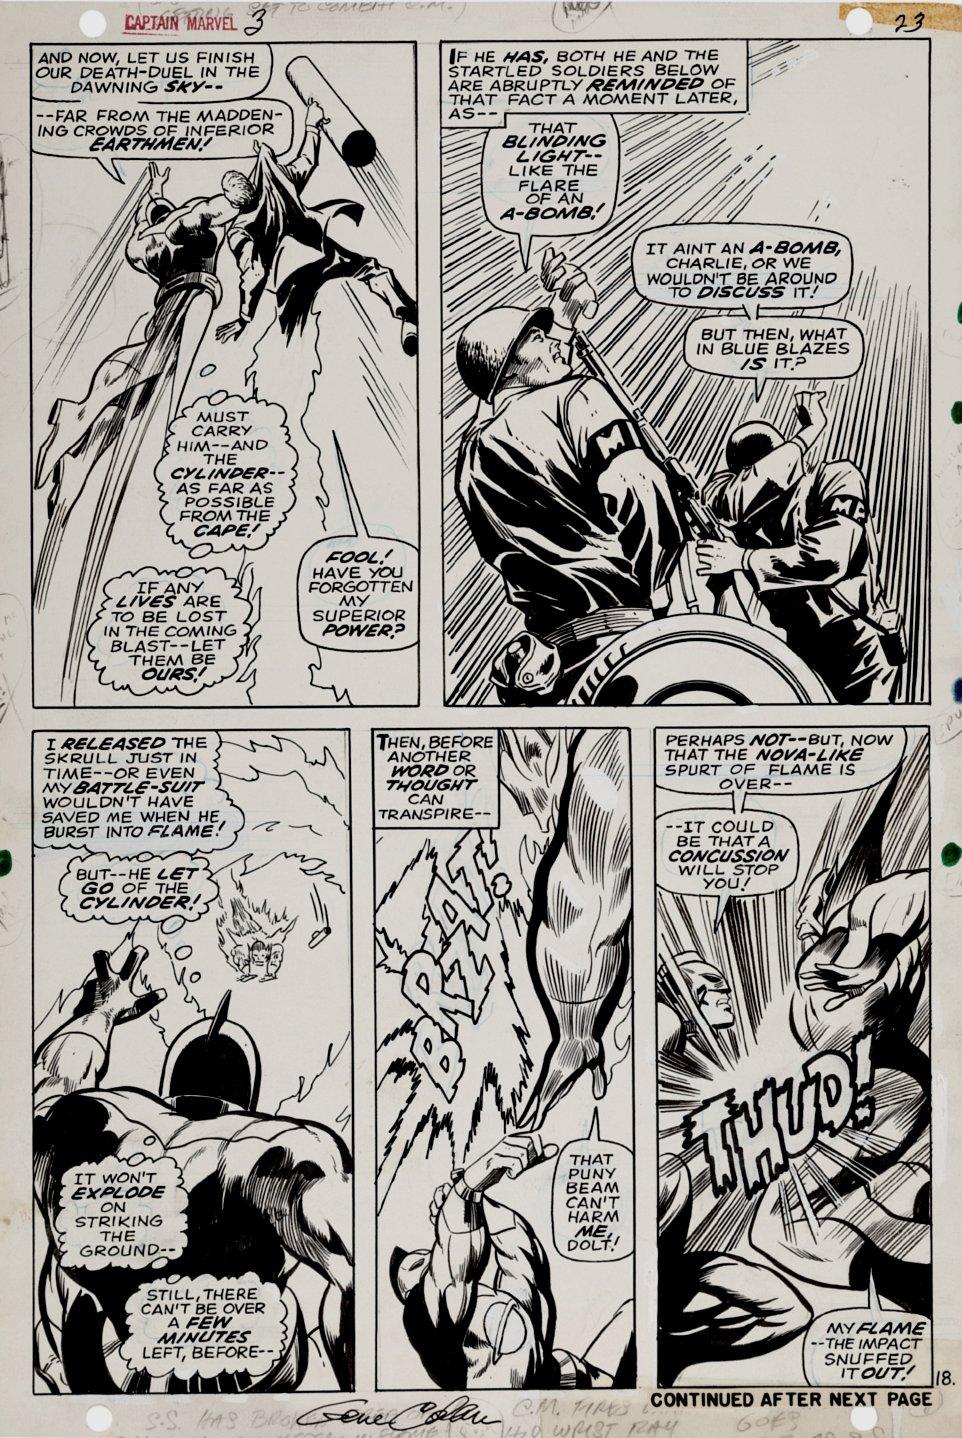 Captain Marvel #3 p 18 (Captain Marvel Battles Super Skrull!) 1968